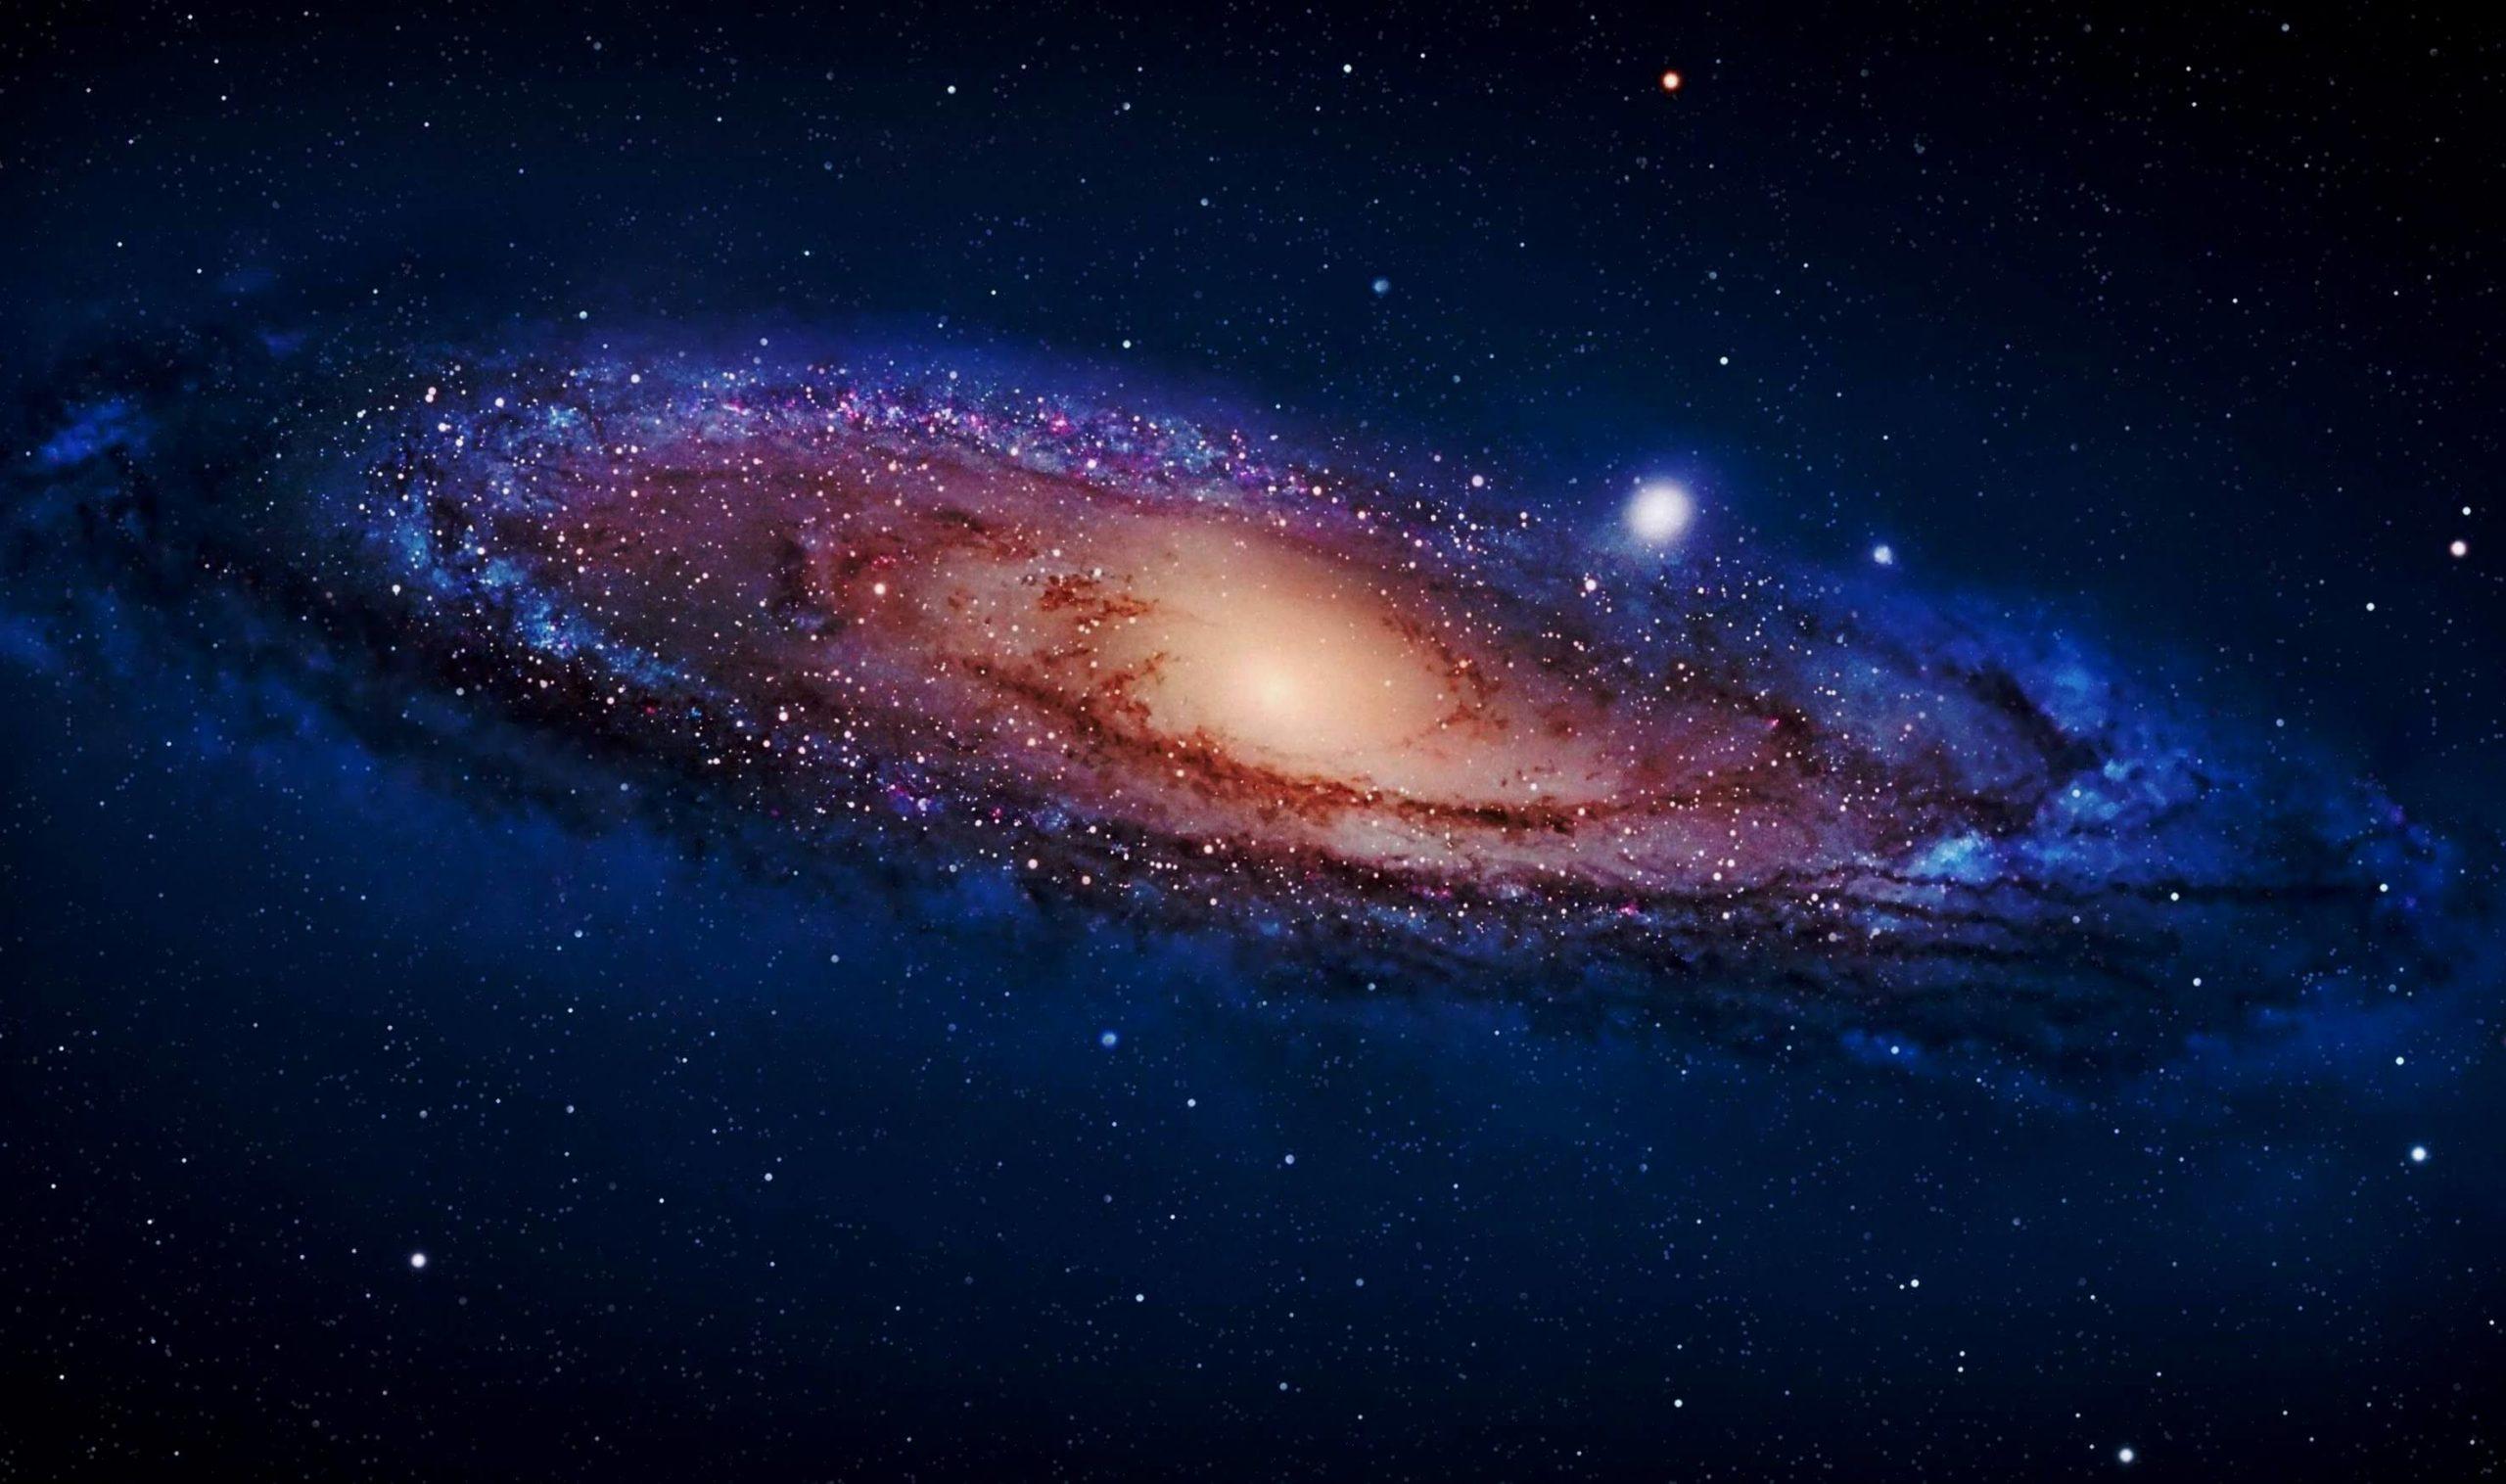 Галактика Млечный Путь: структура, особенности, характеристики, строение